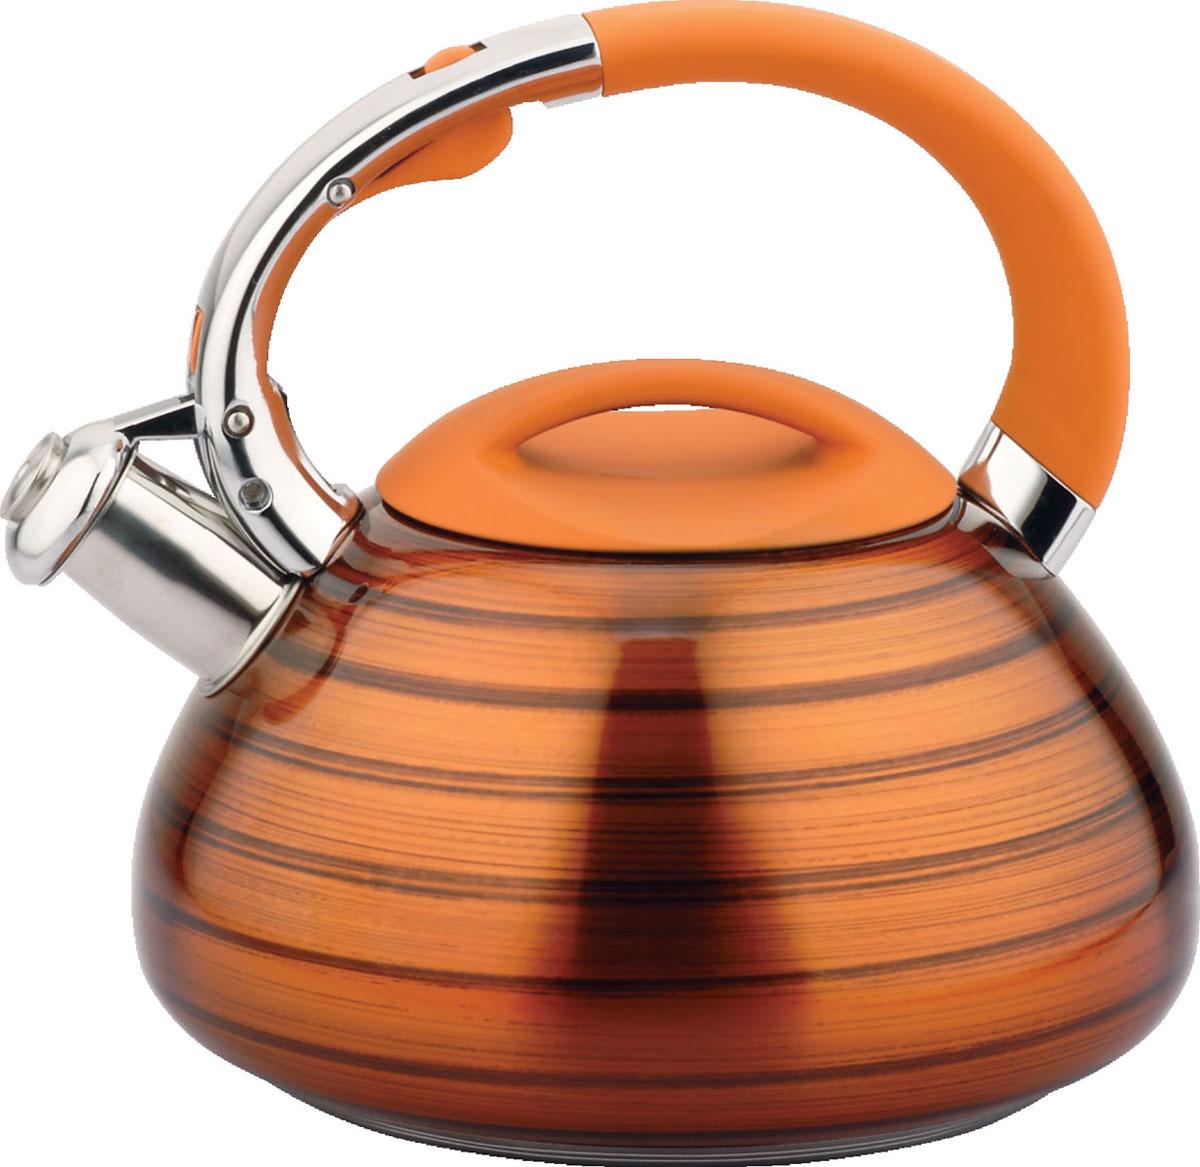 Чайник Bayerhoff, со свистком, цвет: оранжевый металлик, 3 л. BH-422BH-422Материал: высококачественная нержавеющая сталь. Объем: 3 л. Клапан открывается кнопкой на ручке. Эргономичная ручка не нагревается и не скользит. Подходит для всех типов плит.